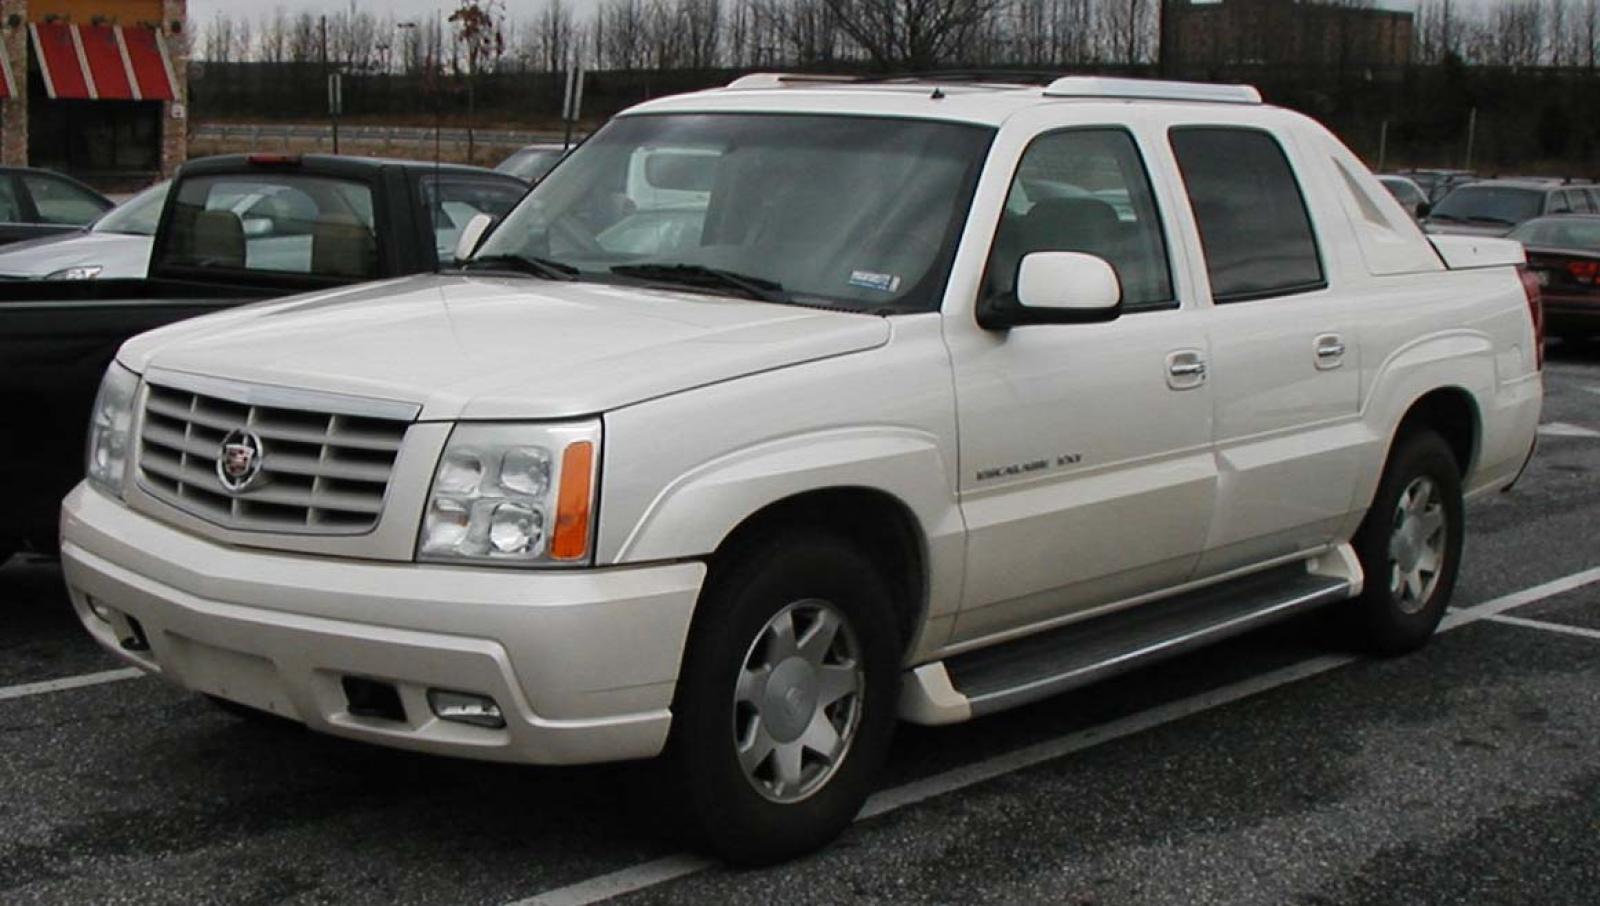 2002 Cadillac Escalade Ext Information And Photos